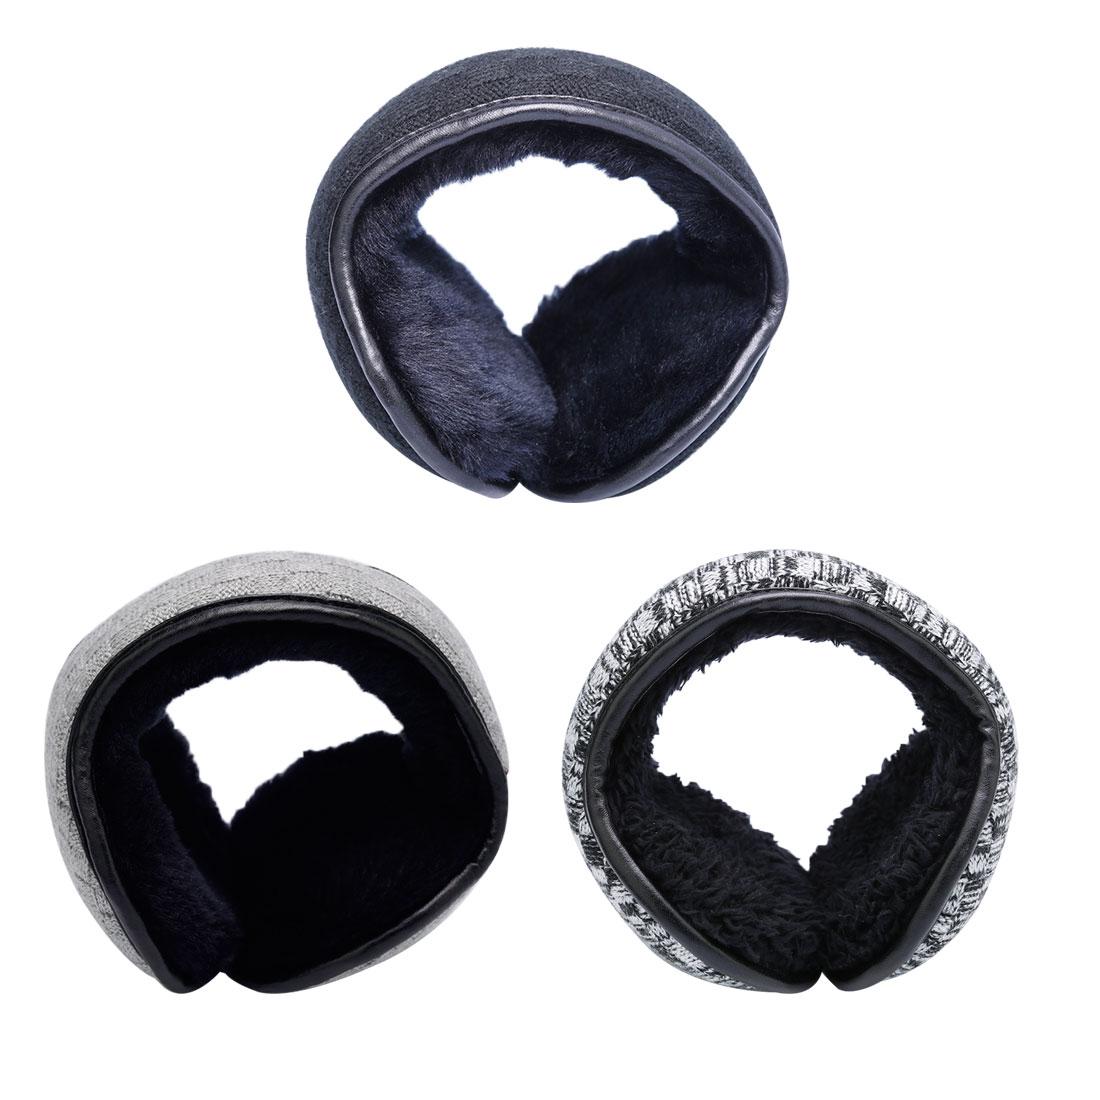 Charming Winter Knitted Earmuffs For Men Women Foldable Ear Warmers Ear Bag Adjustable Warm Plush Earmuffs Earflap Back Wear